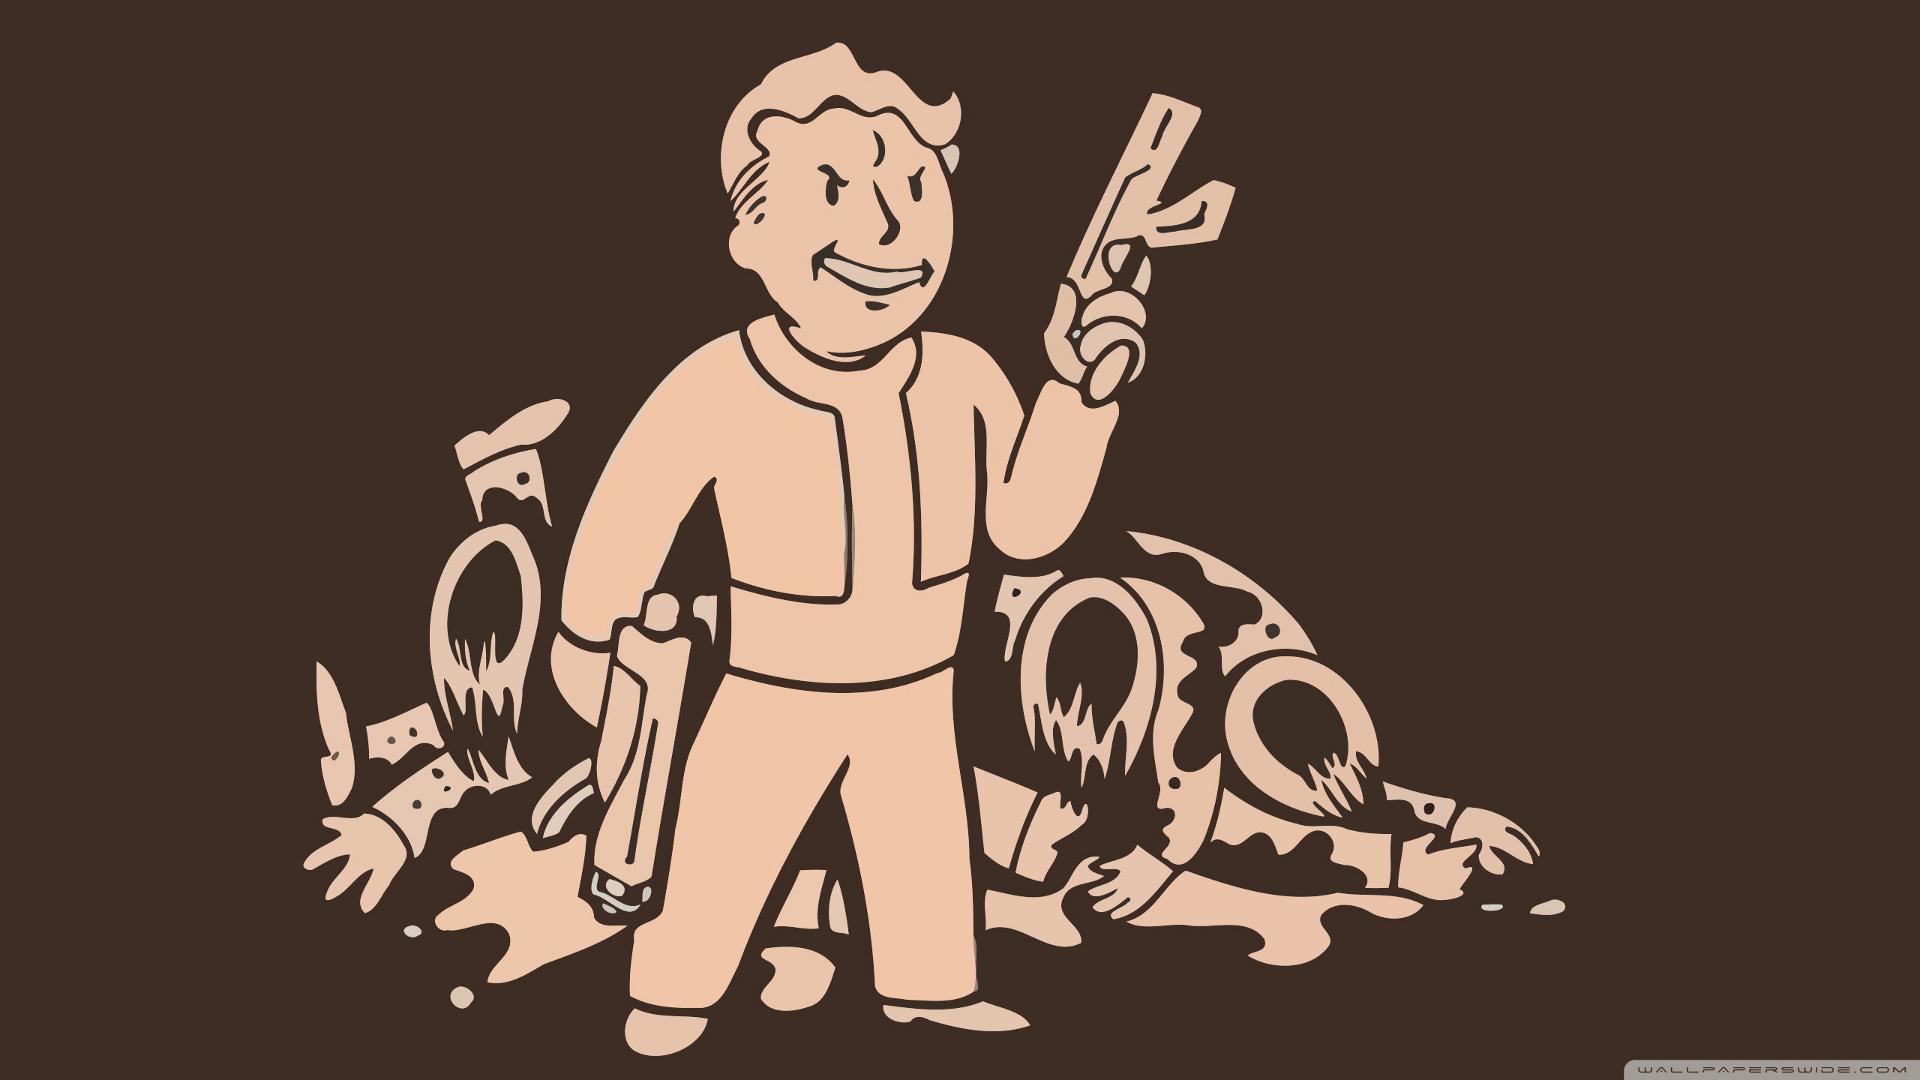 Fallout 2 HD Wallpaper